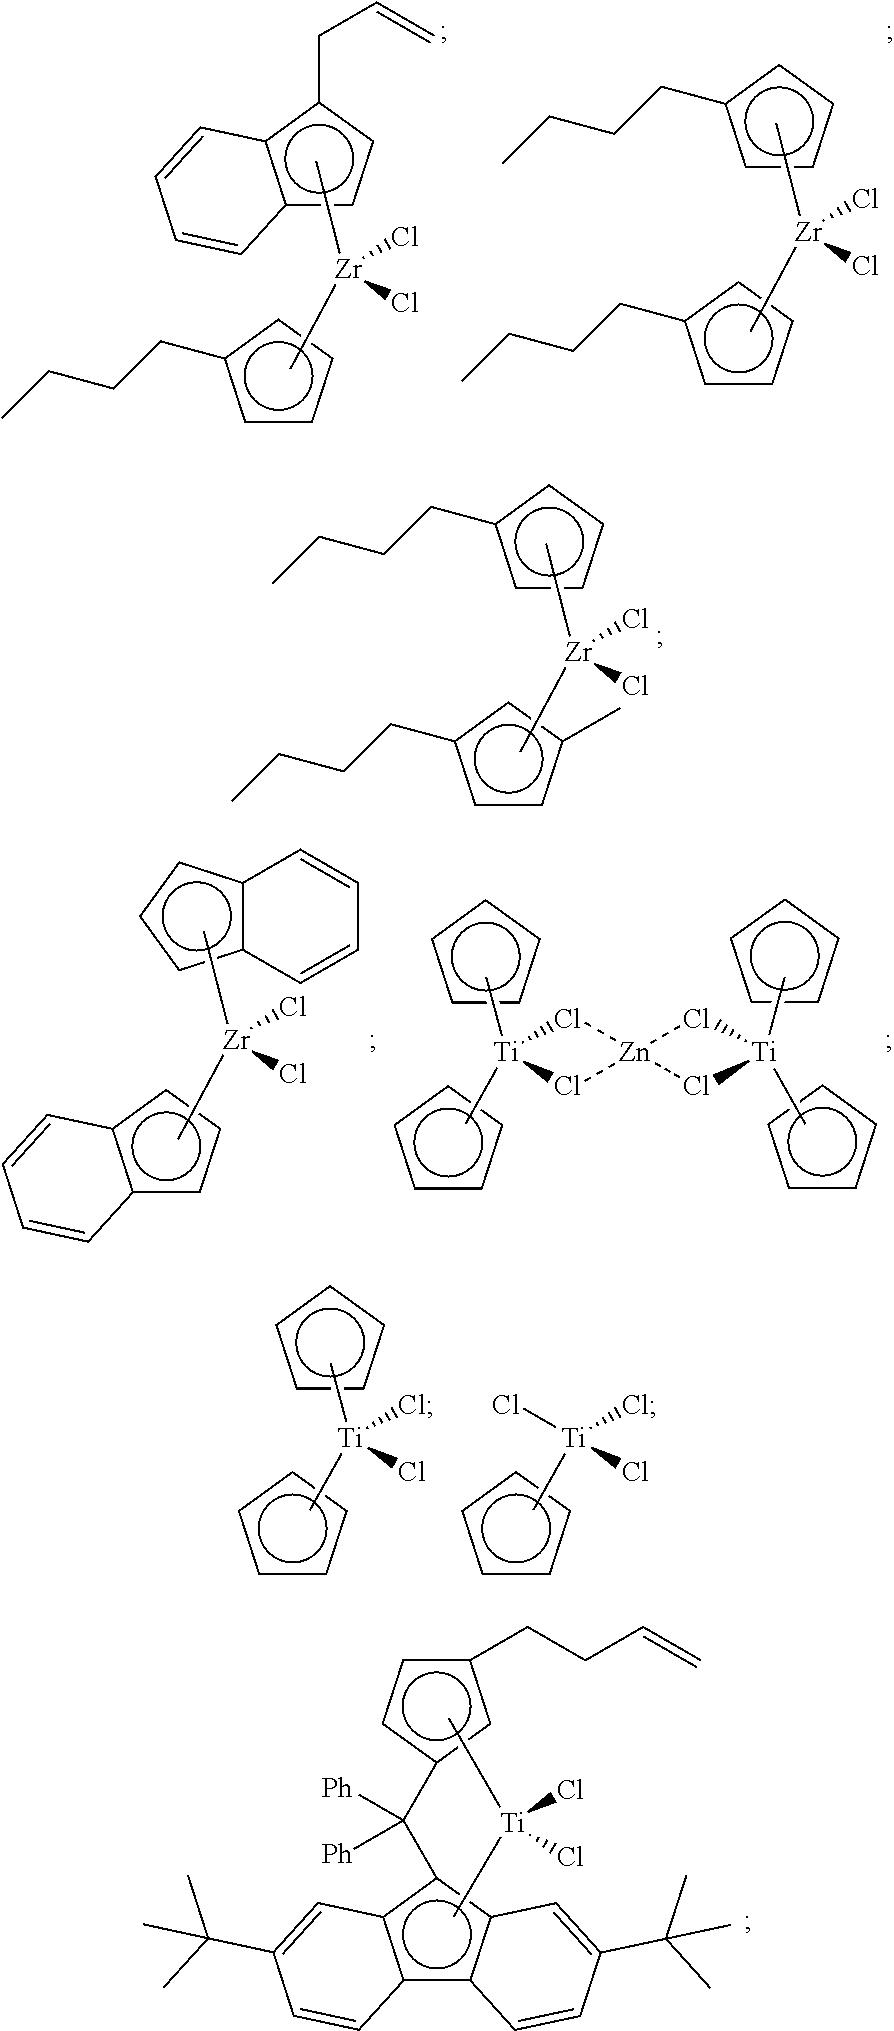 Figure US08450436-20130528-C00003